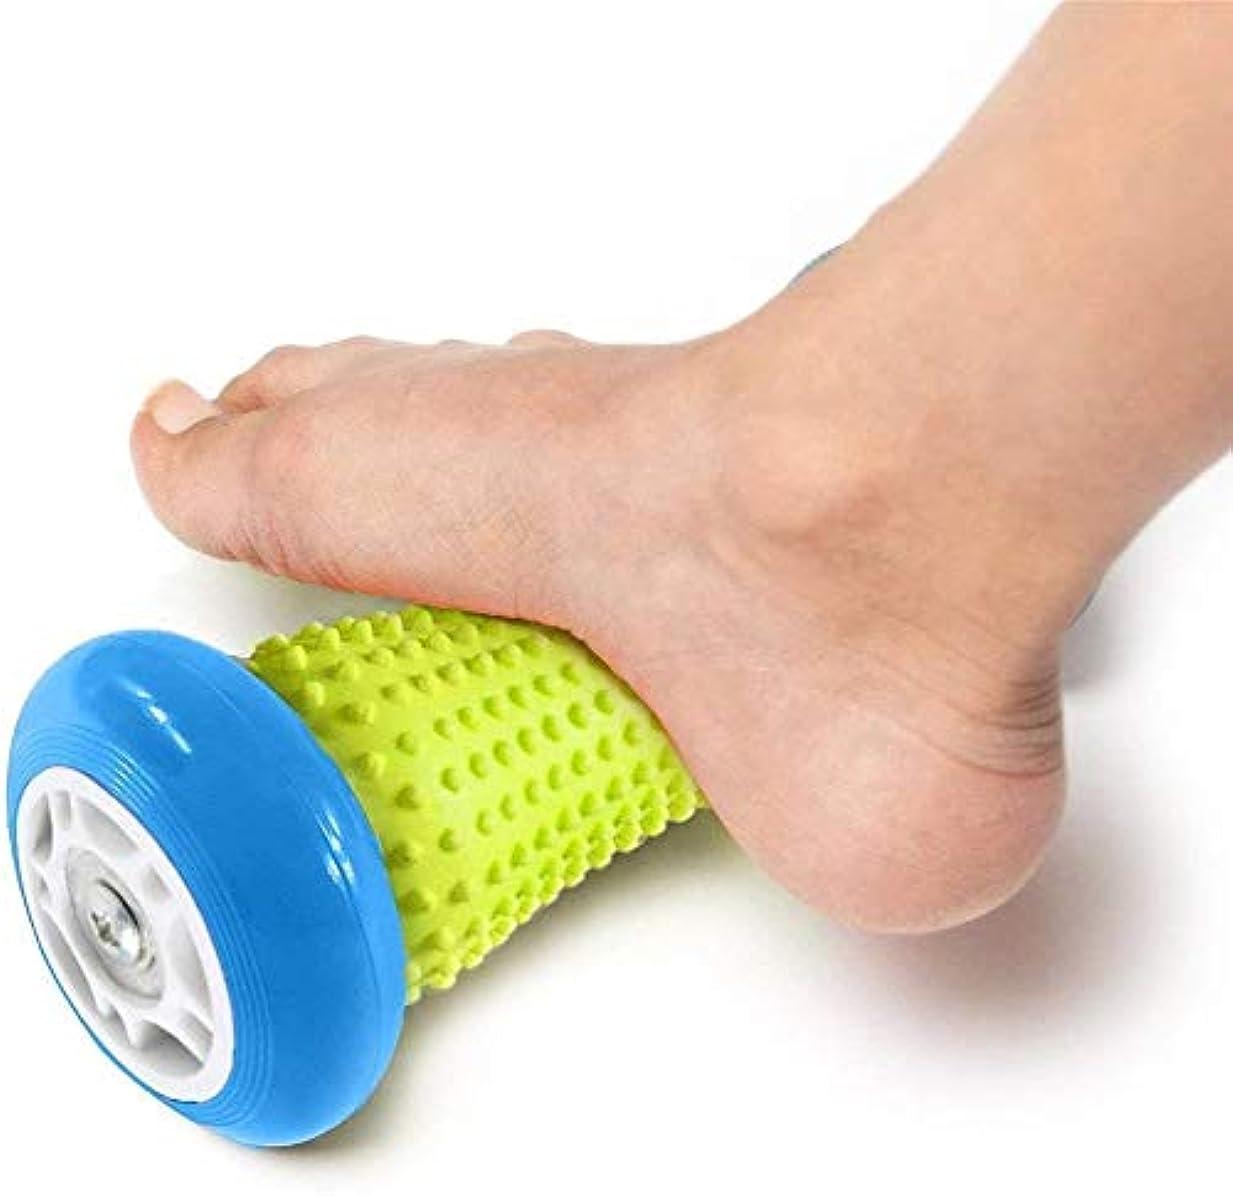 増幅する失効ファッションフットマッサージローラー - 筋肉ローラースティック - 足底筋膜炎手首と前腕運動ローラー用手首と前腕運動ローラー、足底筋膜炎などのための回復ツール